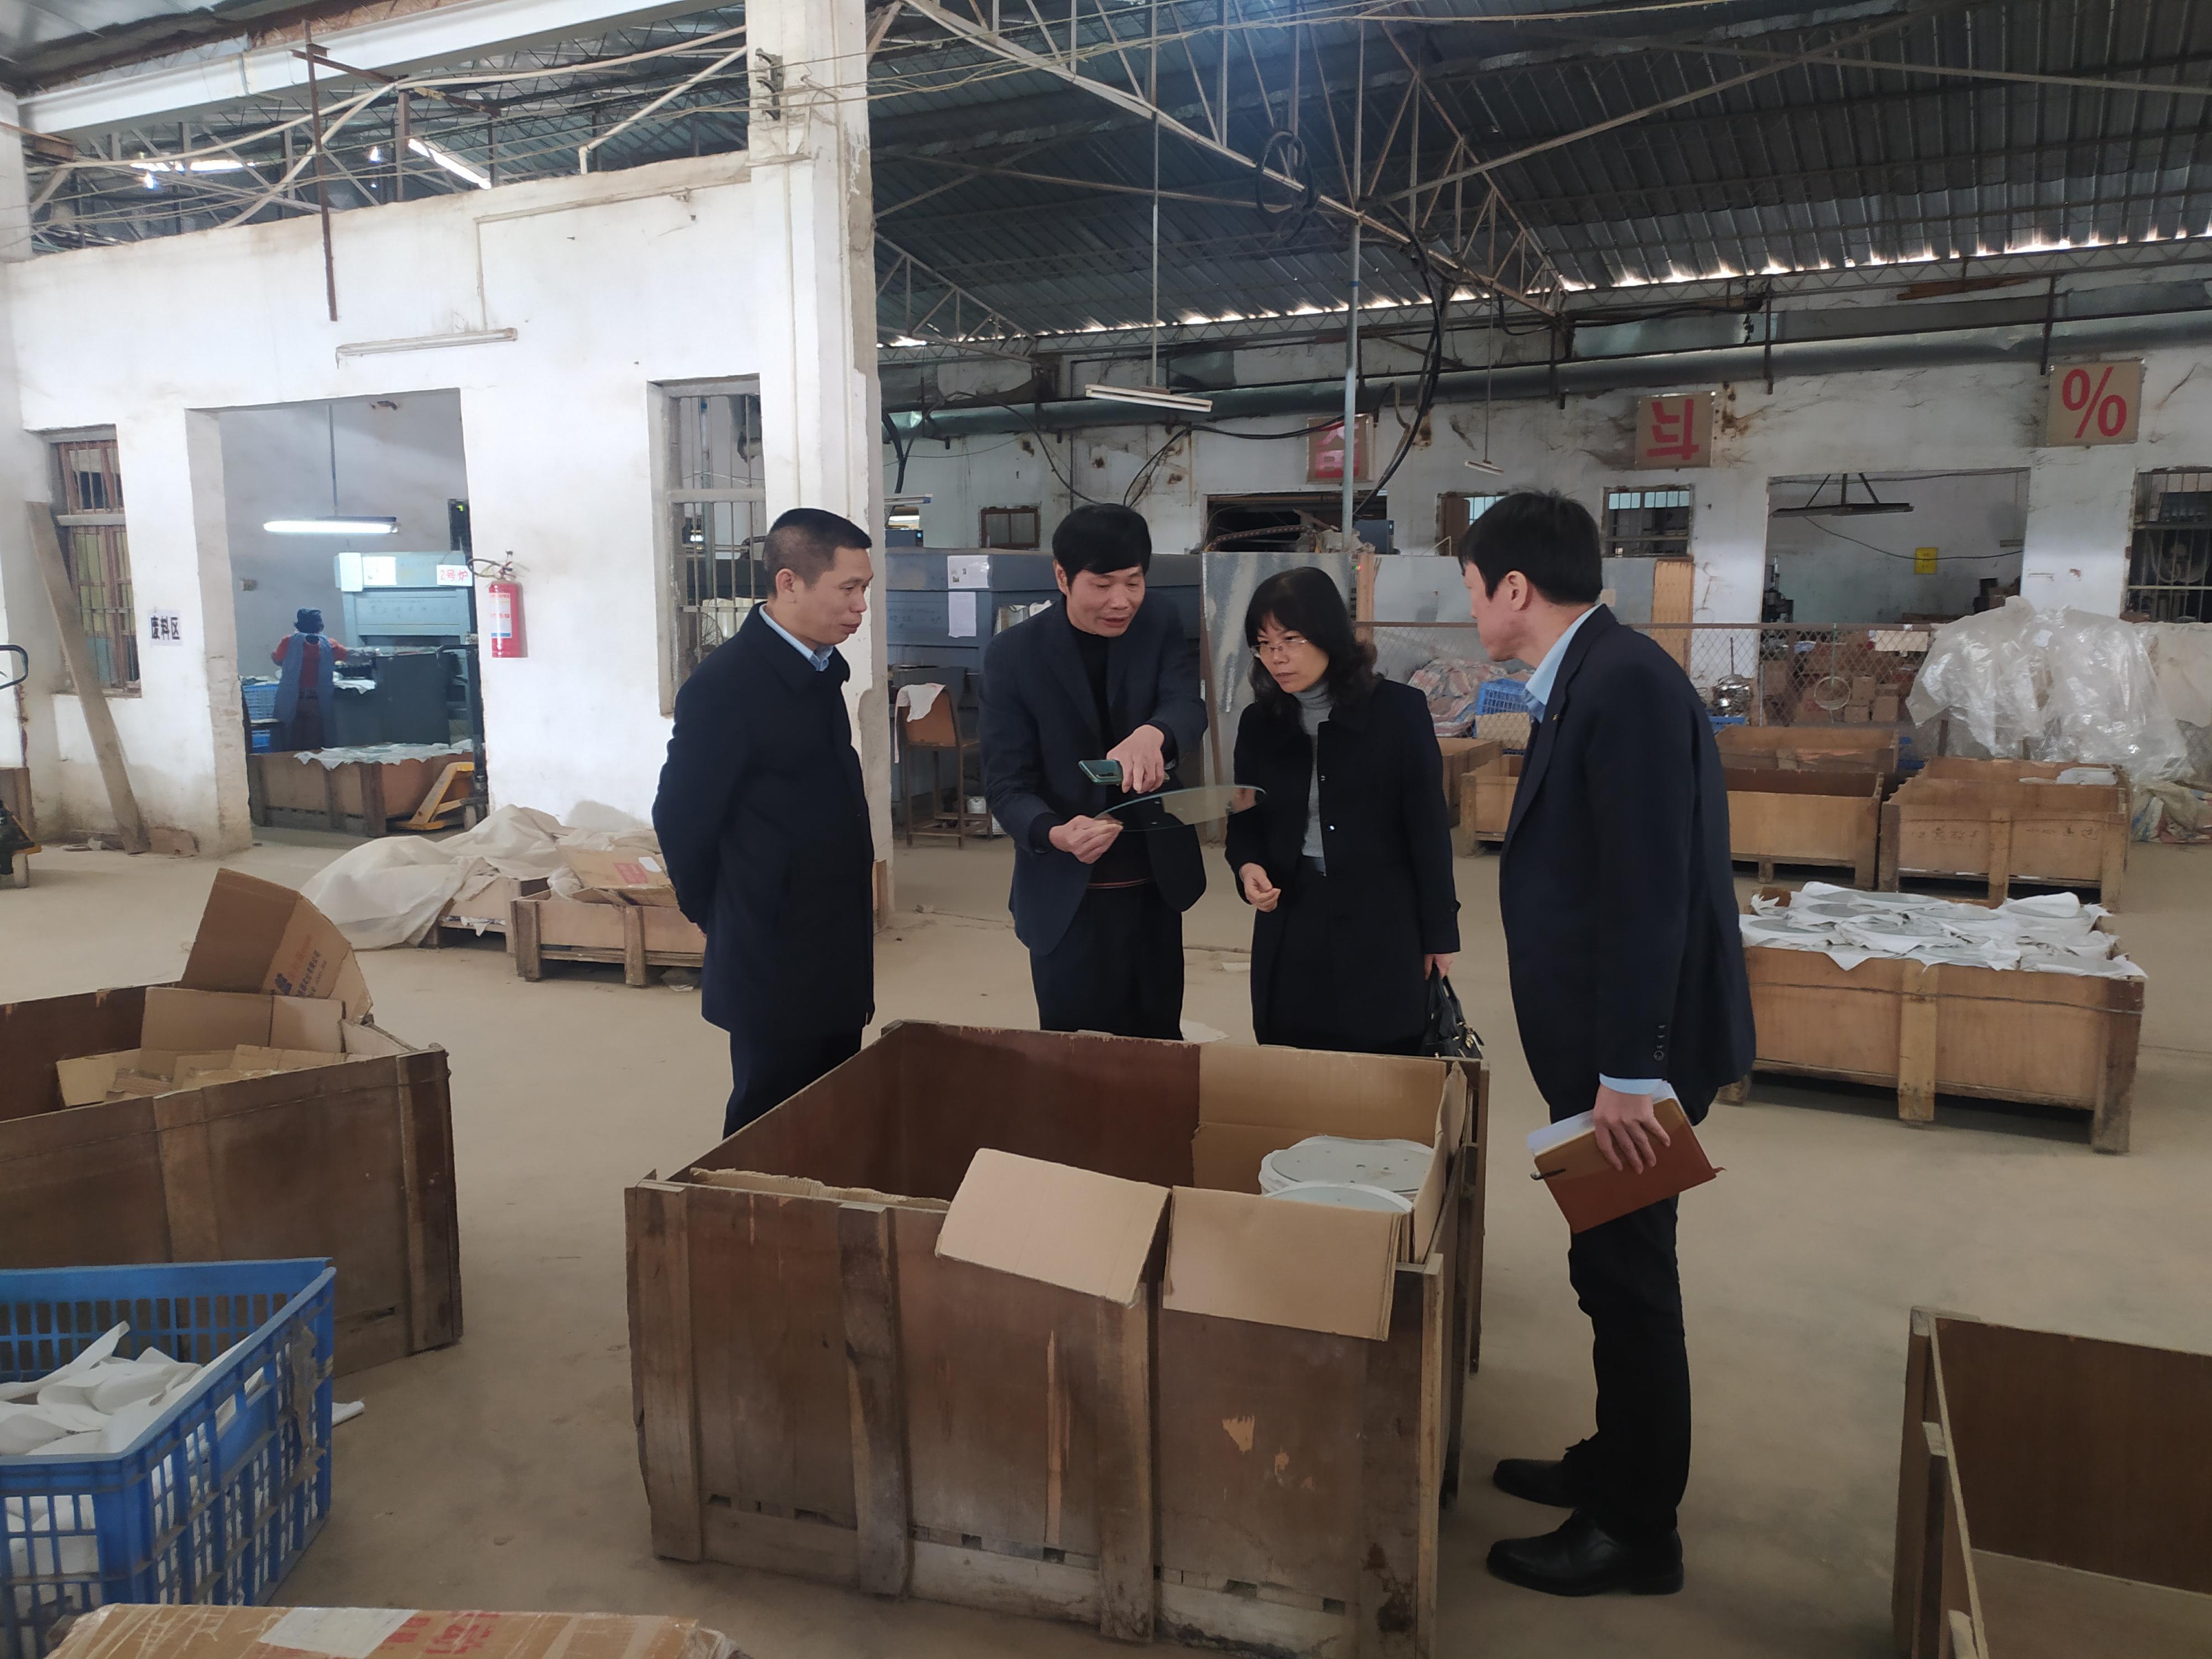 湛江建行工作人员走进小微企业了解生产经营情况